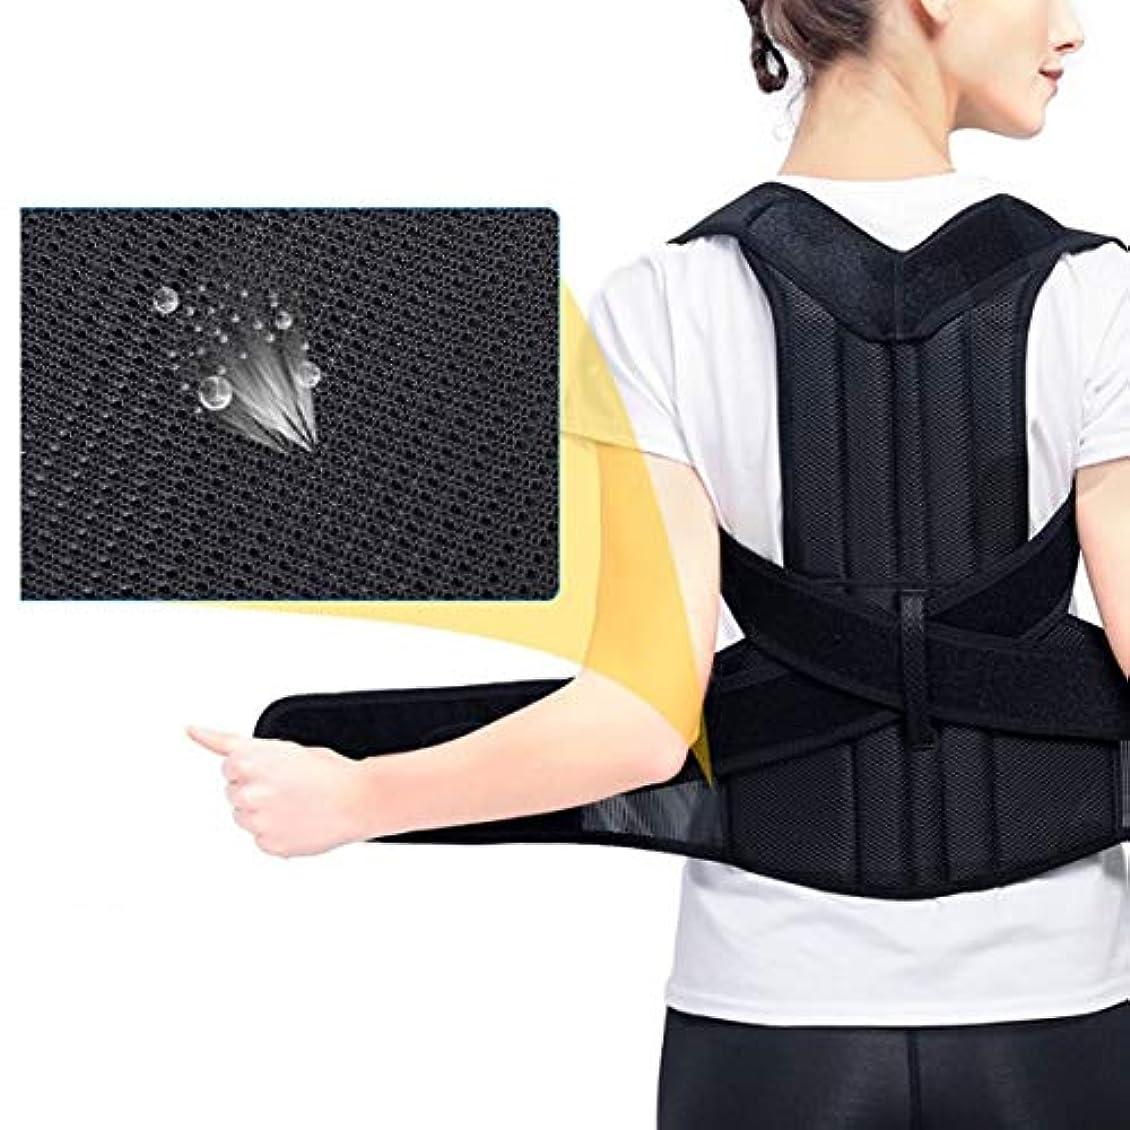 スナッチ悲しみパテ腰椎矯正バックブレース背骨装具側弯症腰椎サポート脊椎湾曲装具固定用姿勢 - 黒